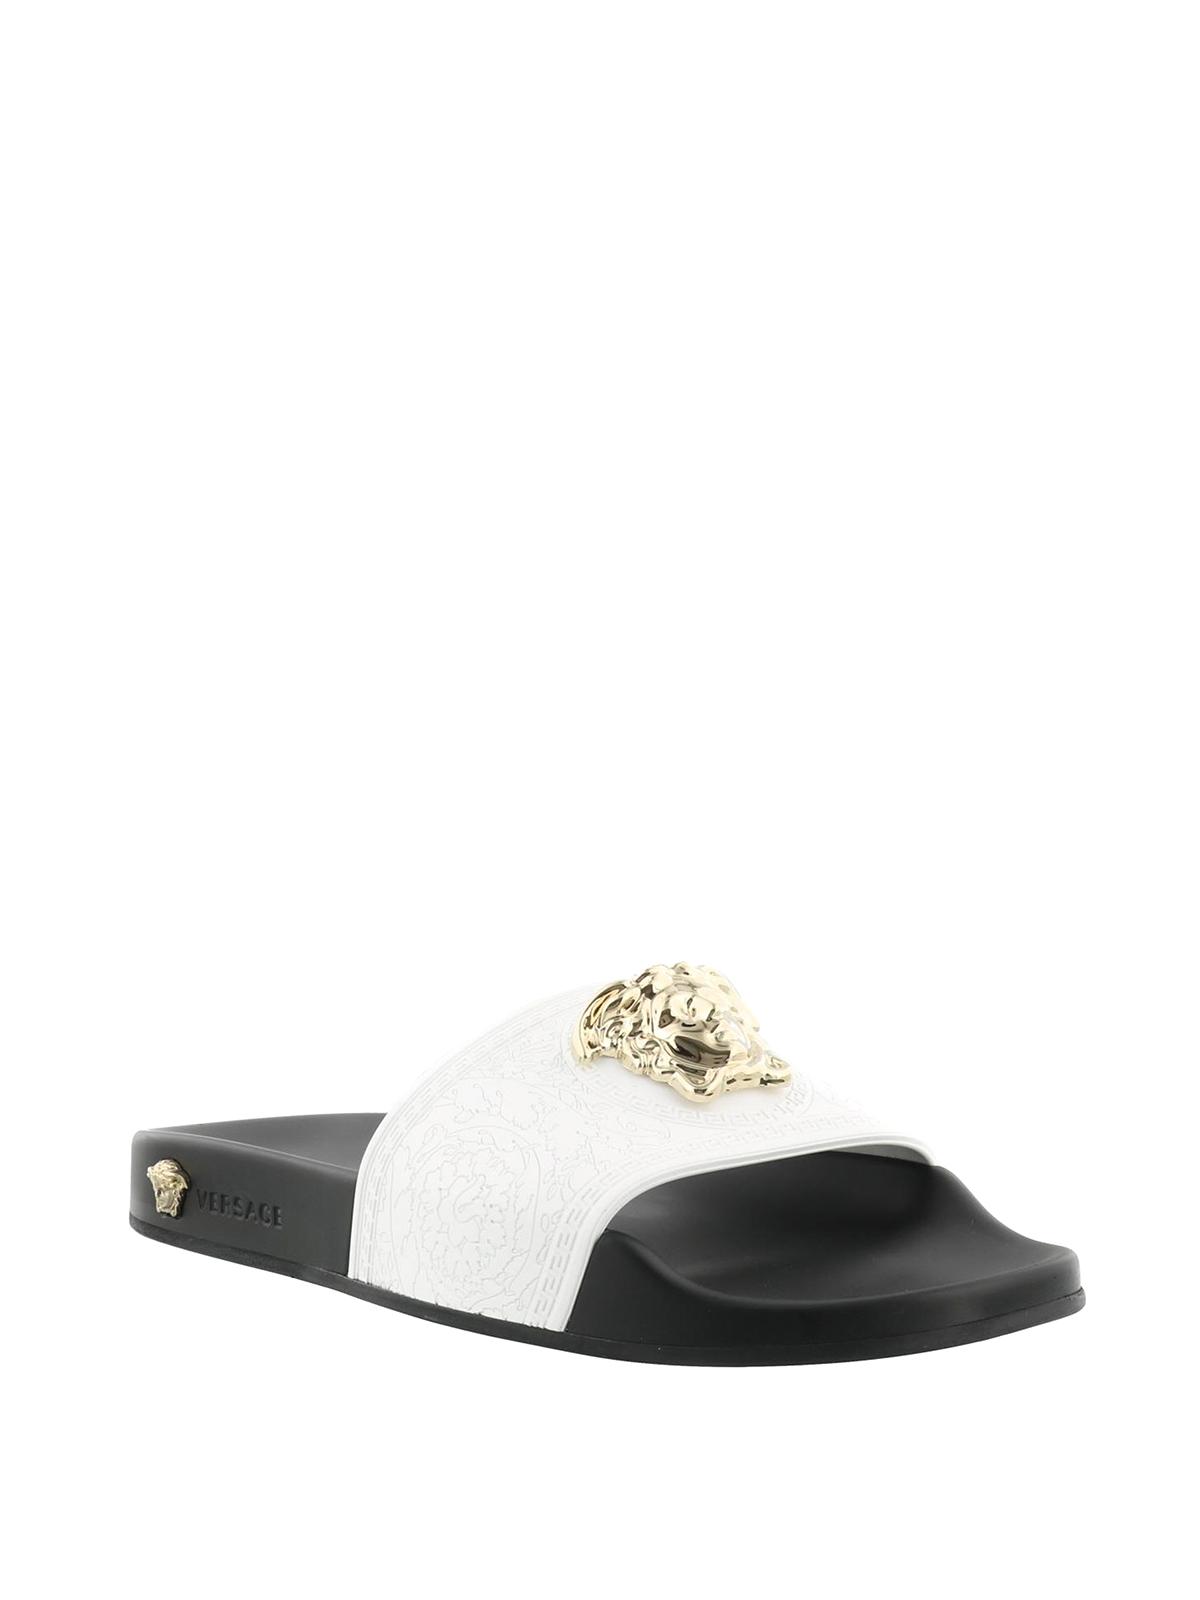 25b01010abc64f Versace - Medusa Head rubber slide sandals - sandals - DSR262C ...